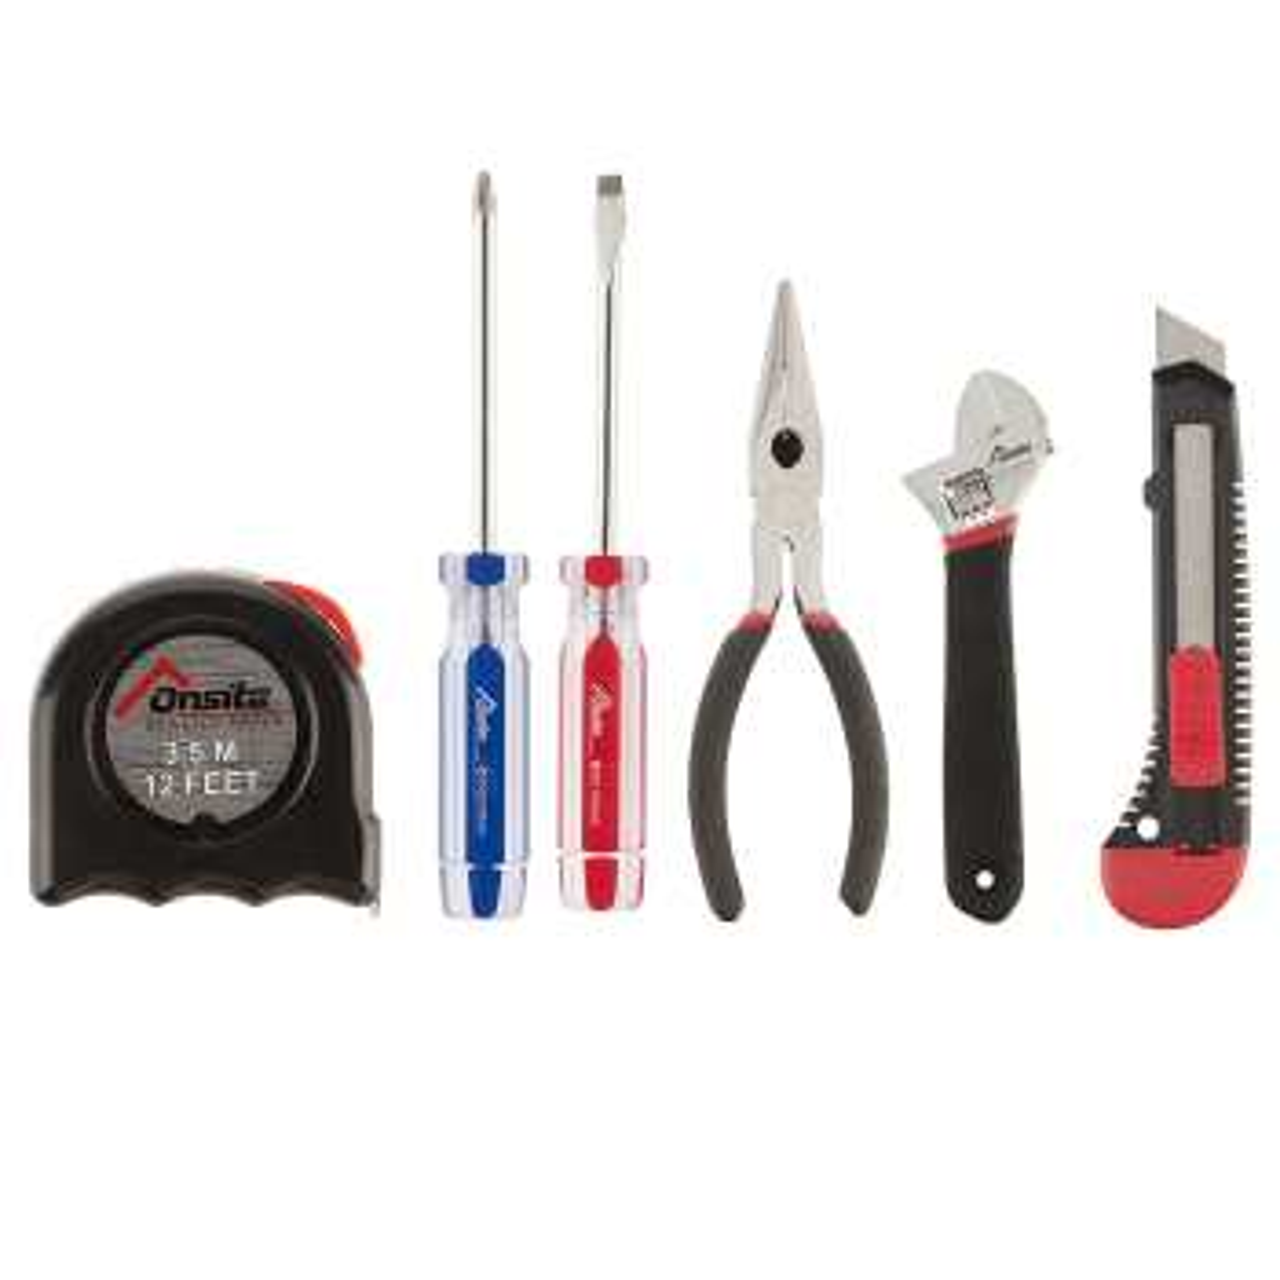 مجموعه 6 عددی ابزار آن سایت مدل 780004